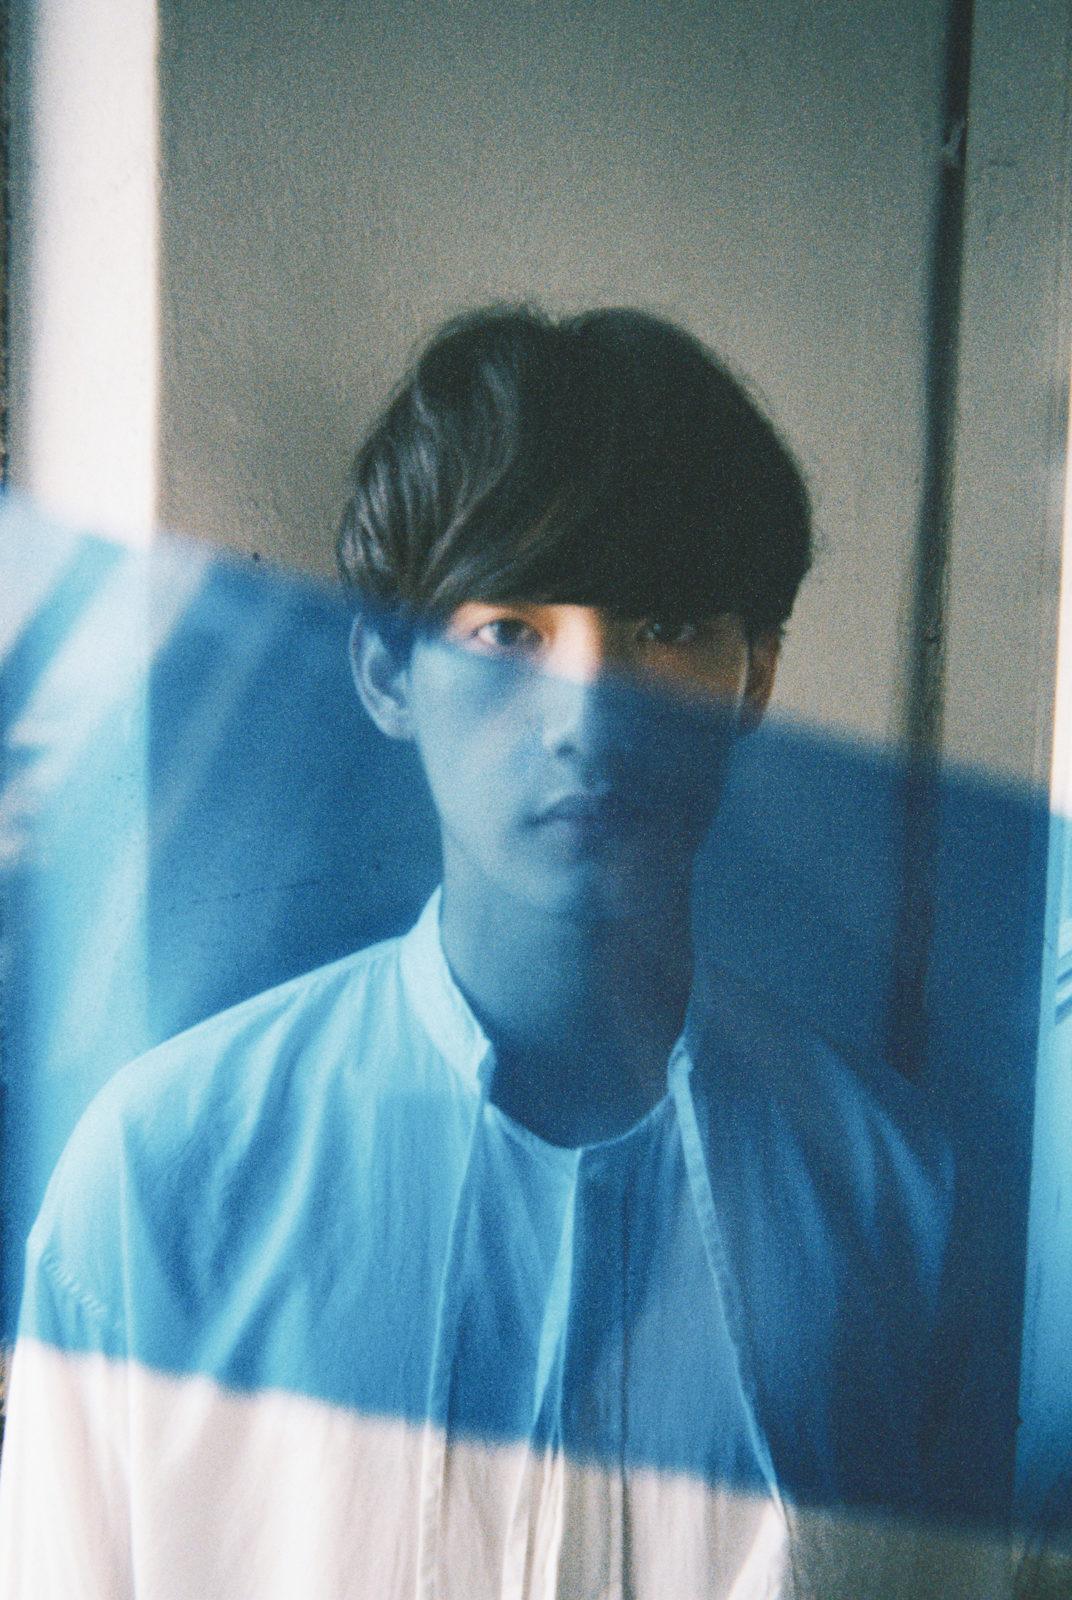 向井太一11月29日に待望の1stアルバム『BLUE』発売決定!新曲MVも公開サムネイル画像